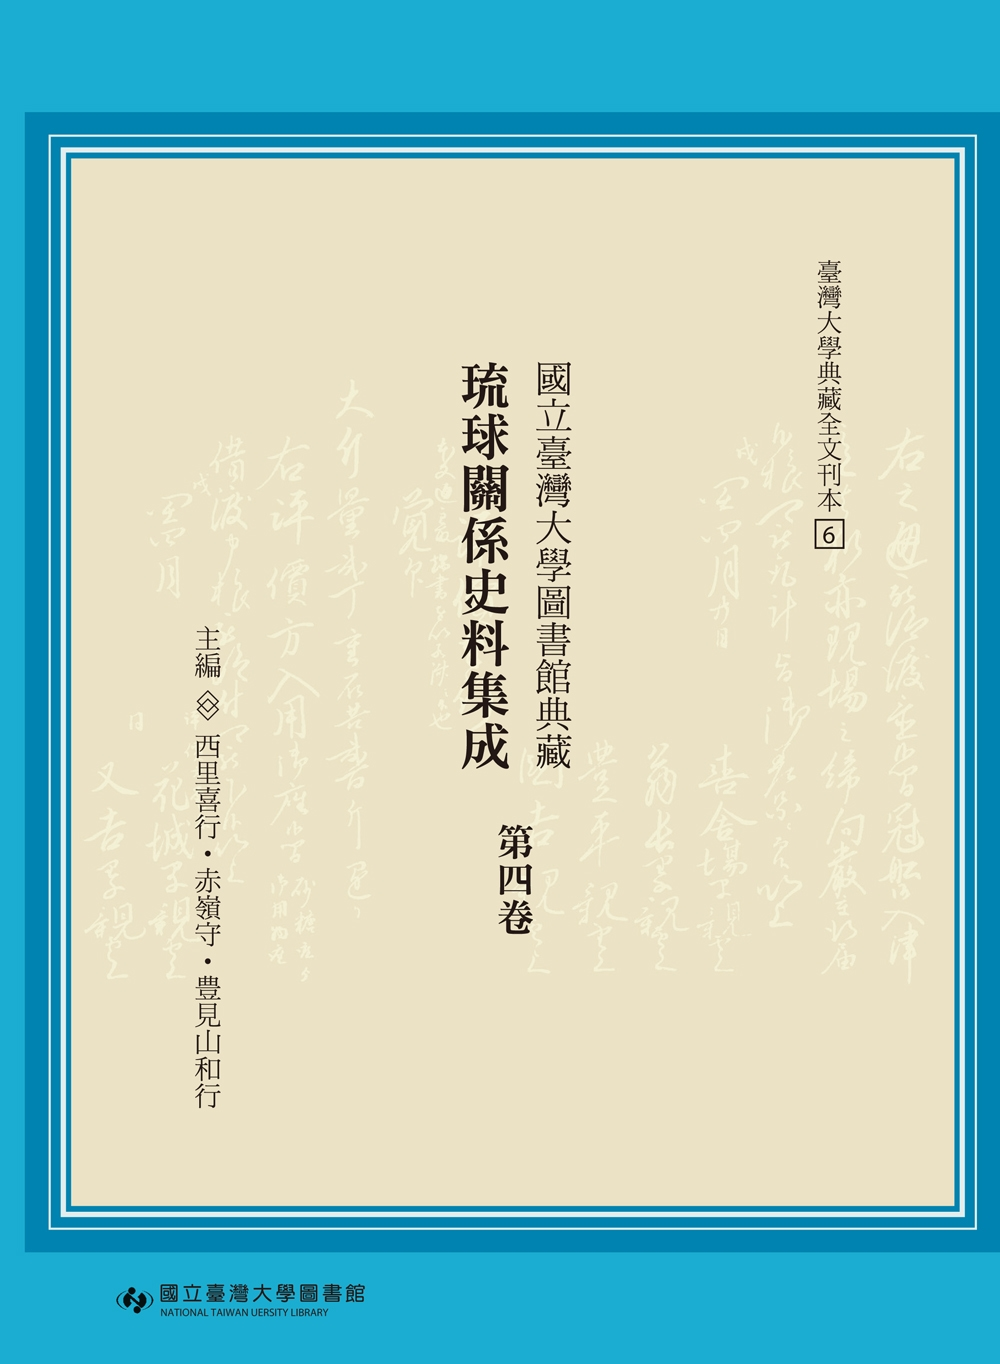 國立臺灣大學圖書...